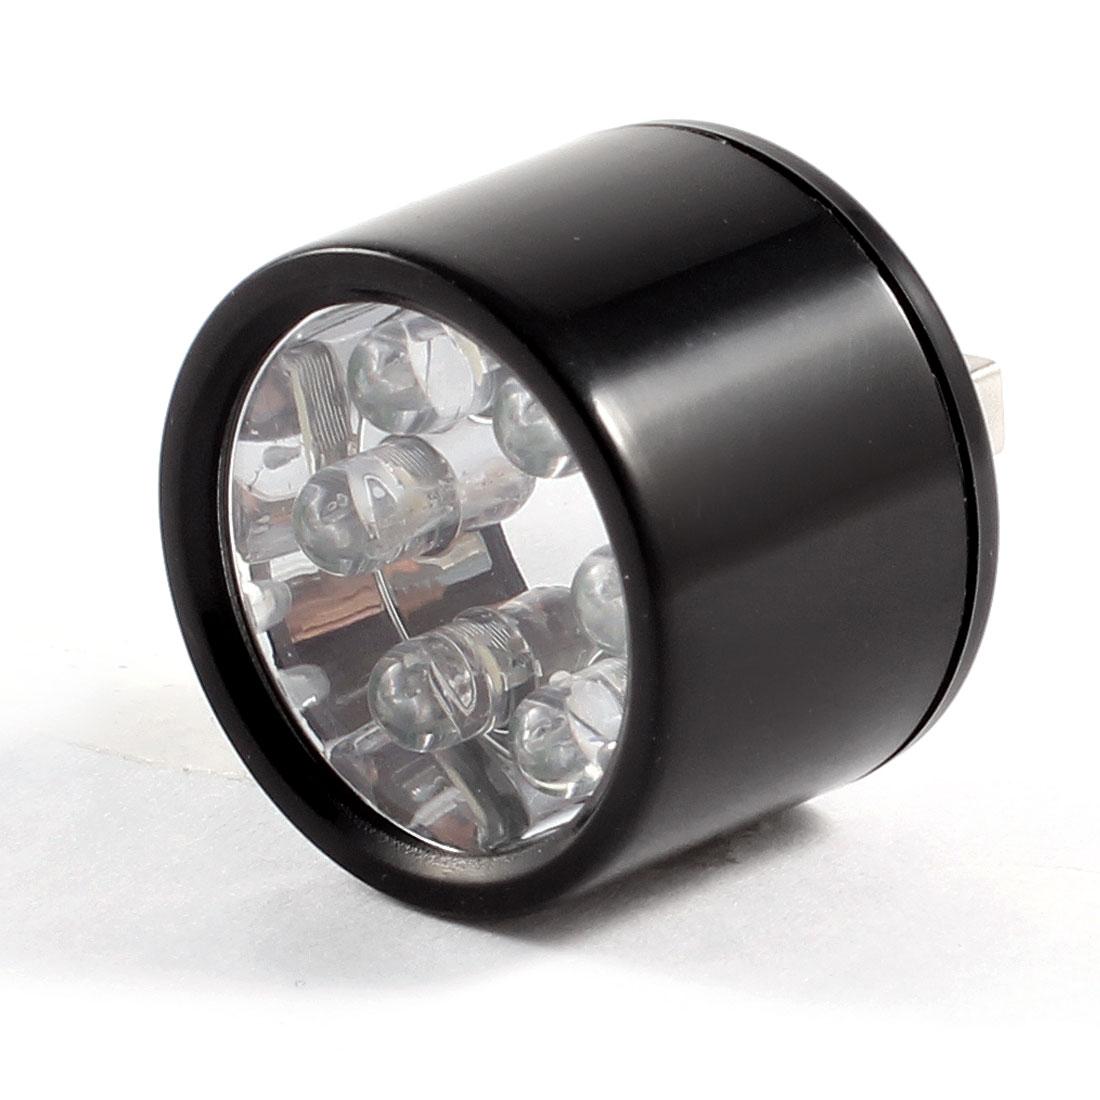 30mm Diameter Half Ball PC Laptop White Light USB 5 LED Lamp